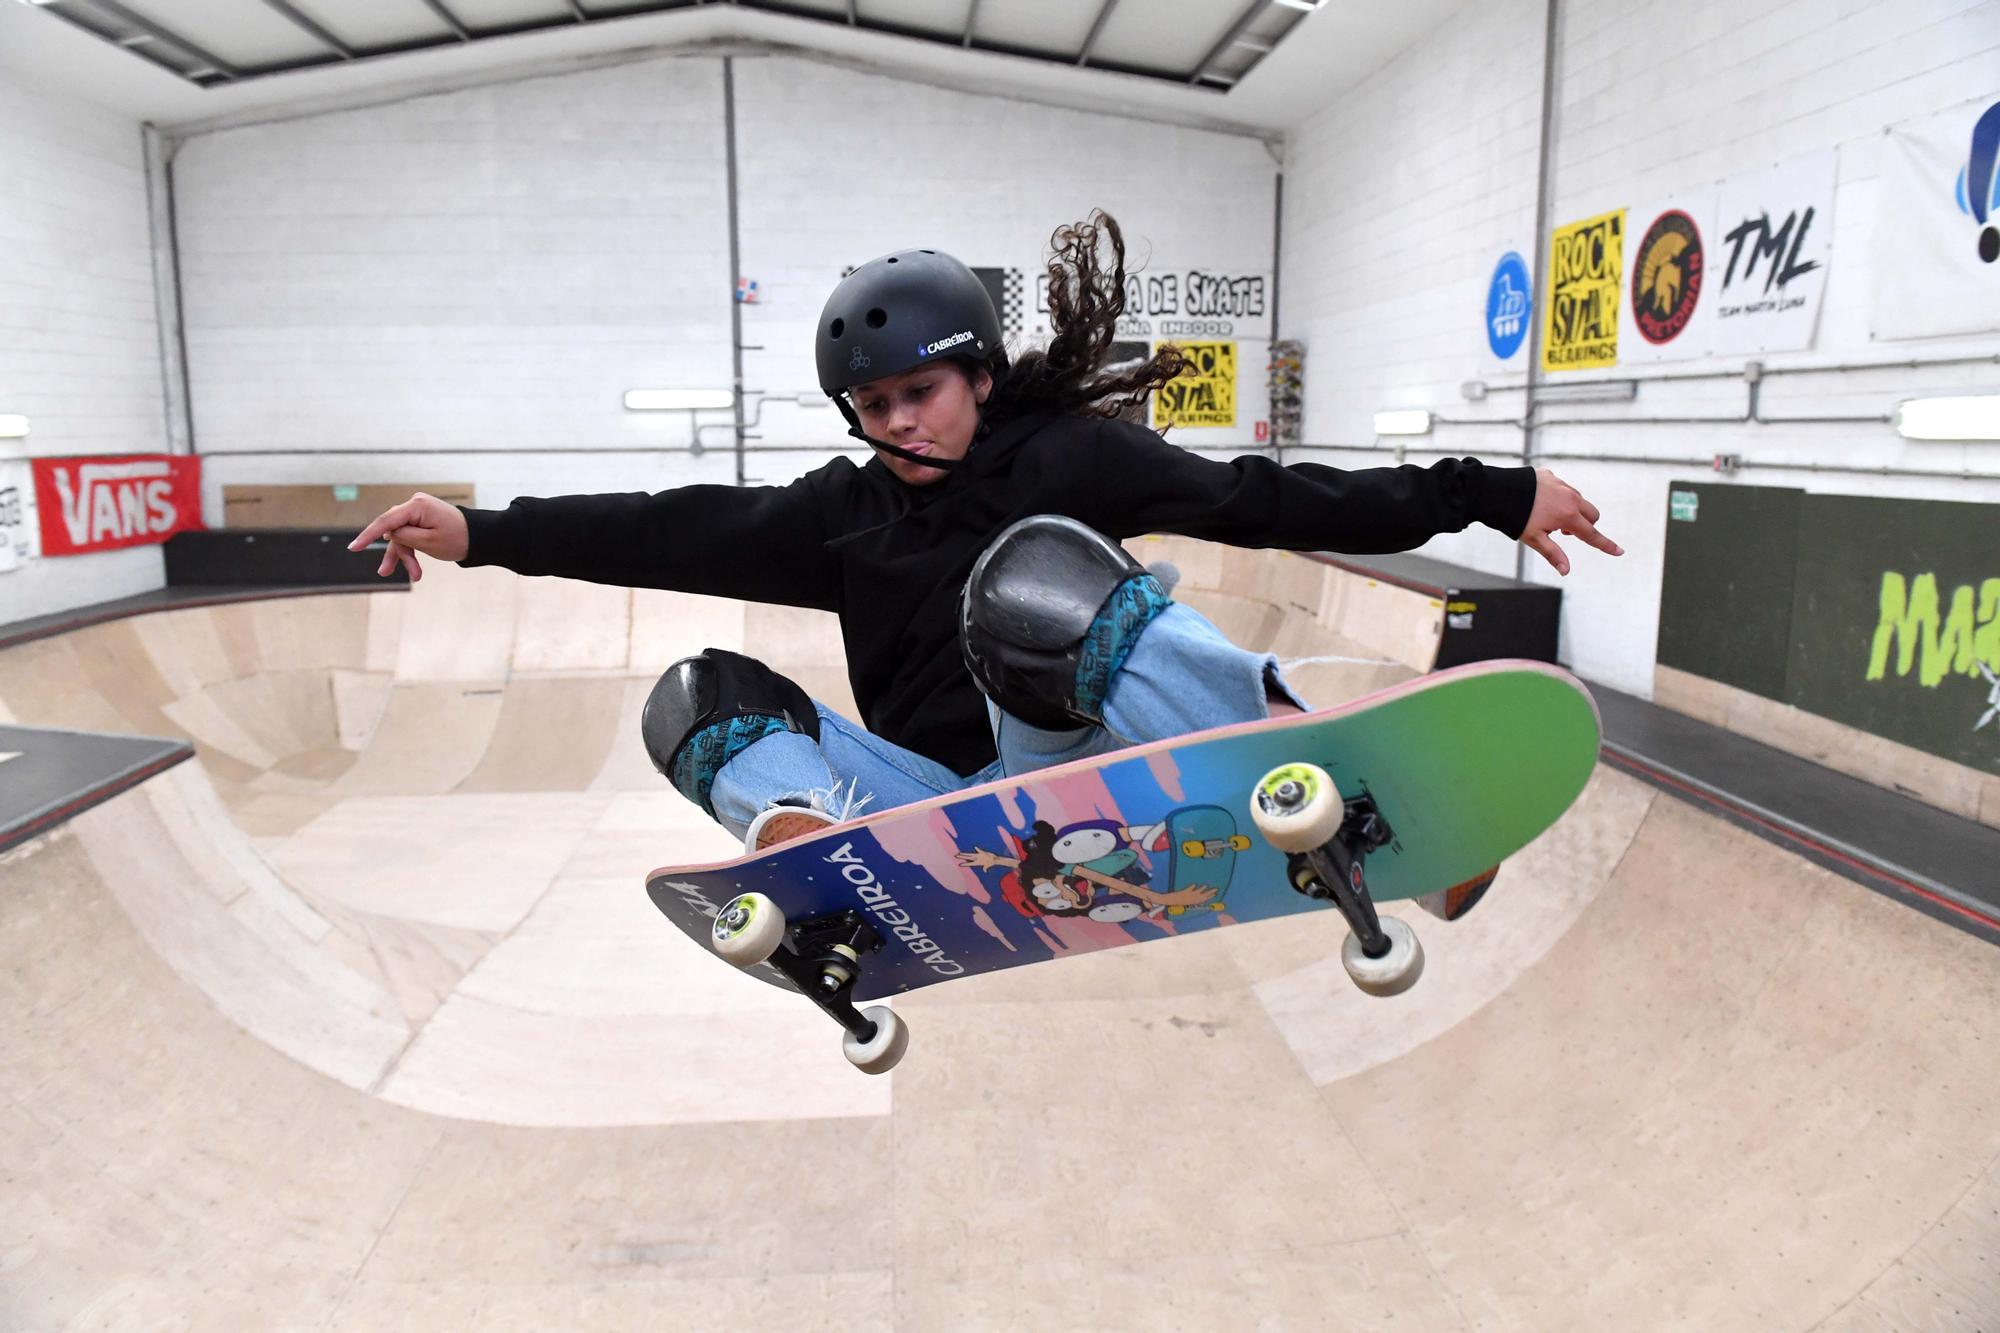 La 'skater' coruñesa Julia Benedetti, la más joven del equipo olímpico español, a punto de viajar a Tokio